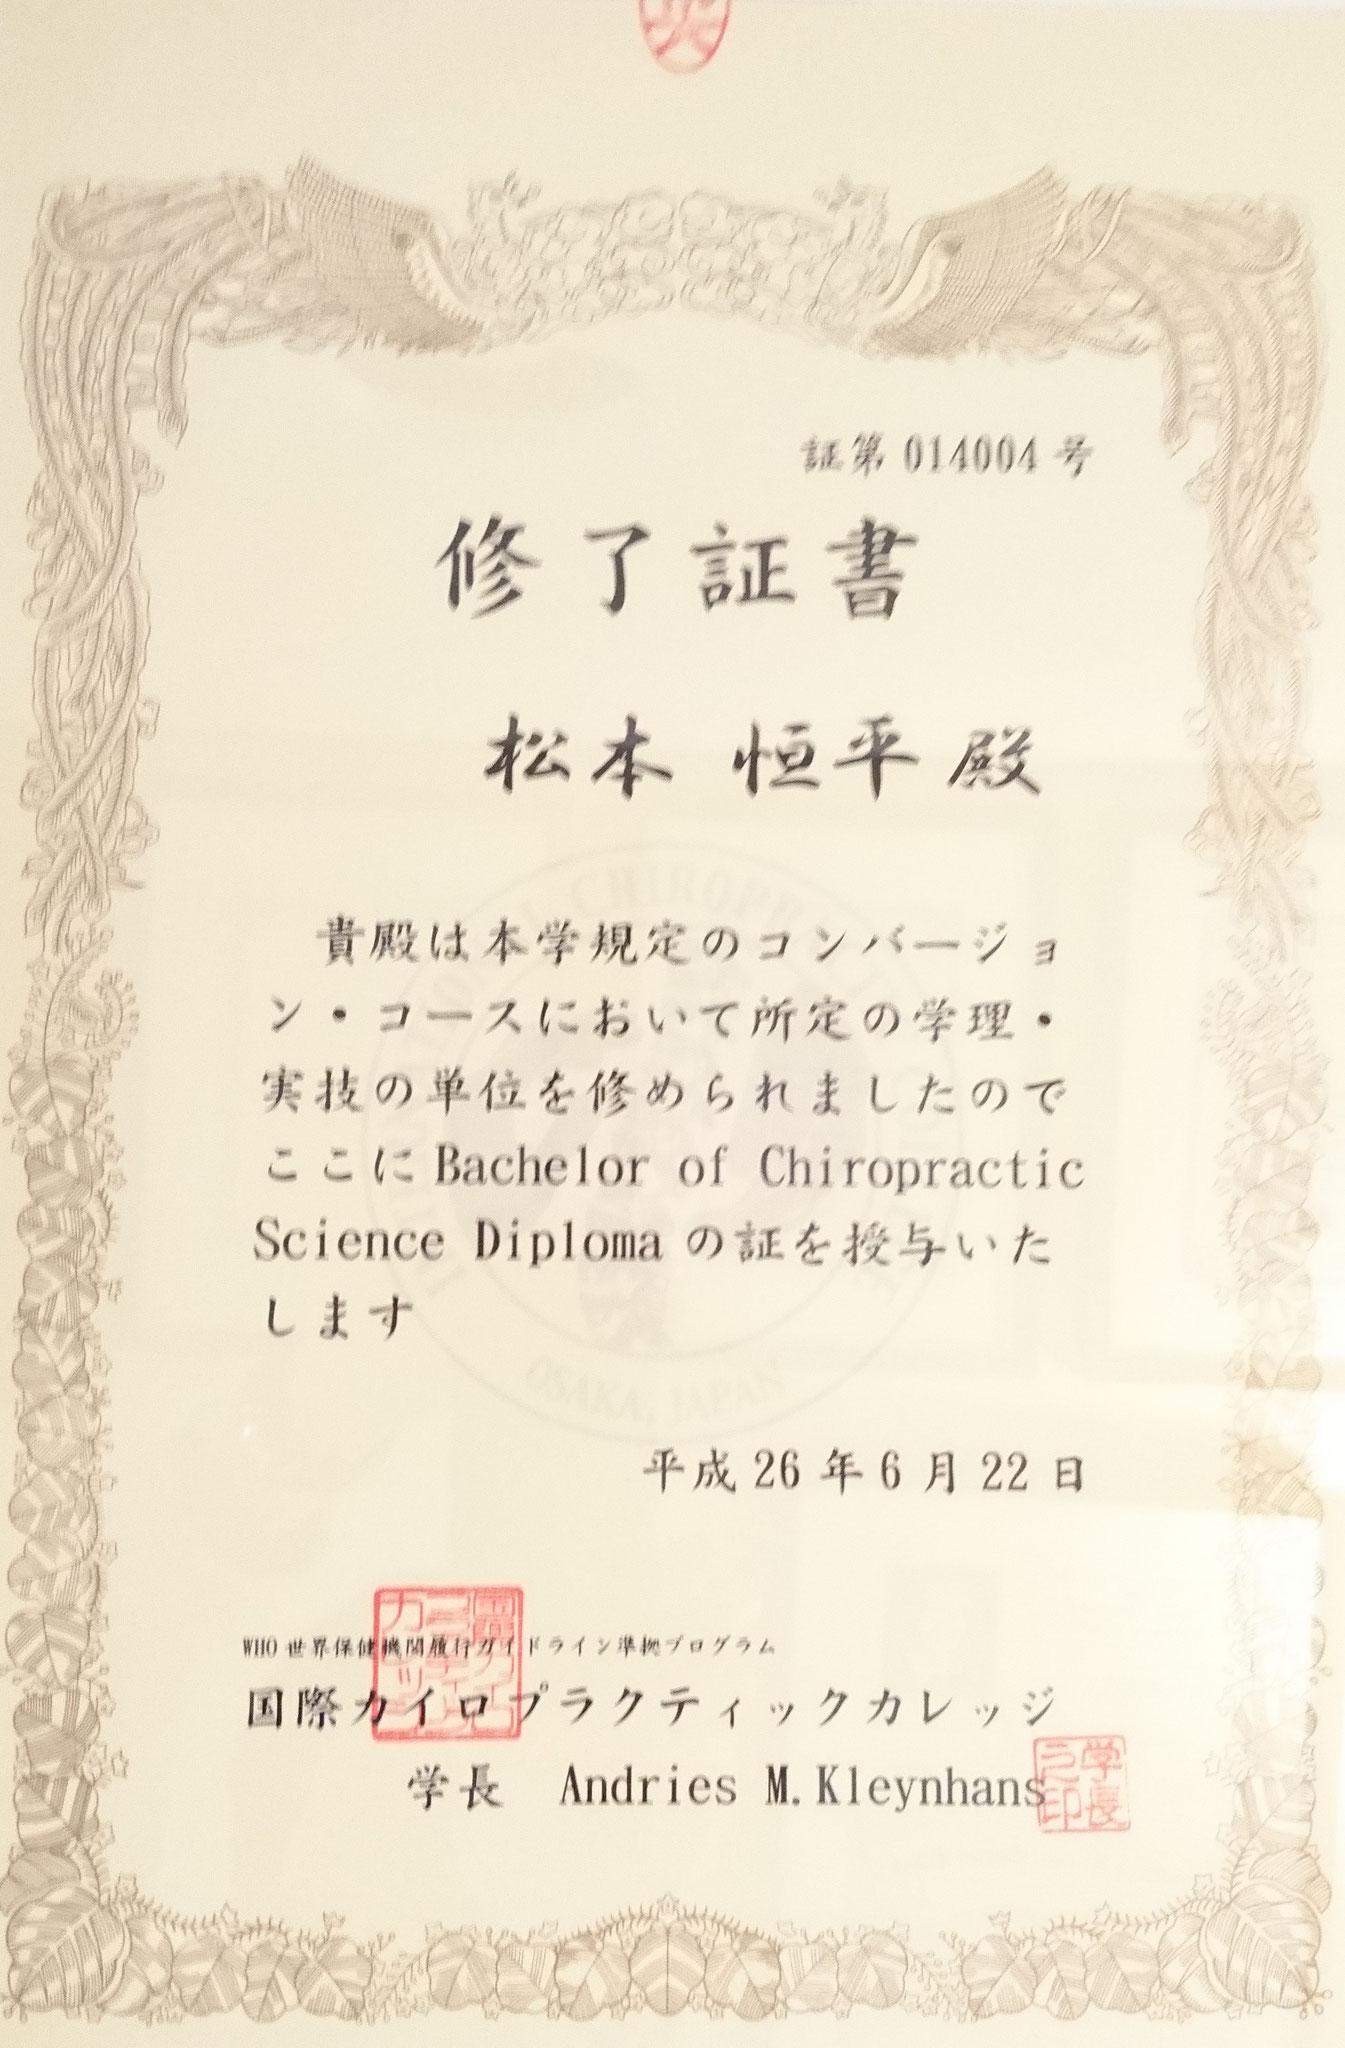 国際基準準拠プログラム・カイロプラクティック理学士B.csc資格